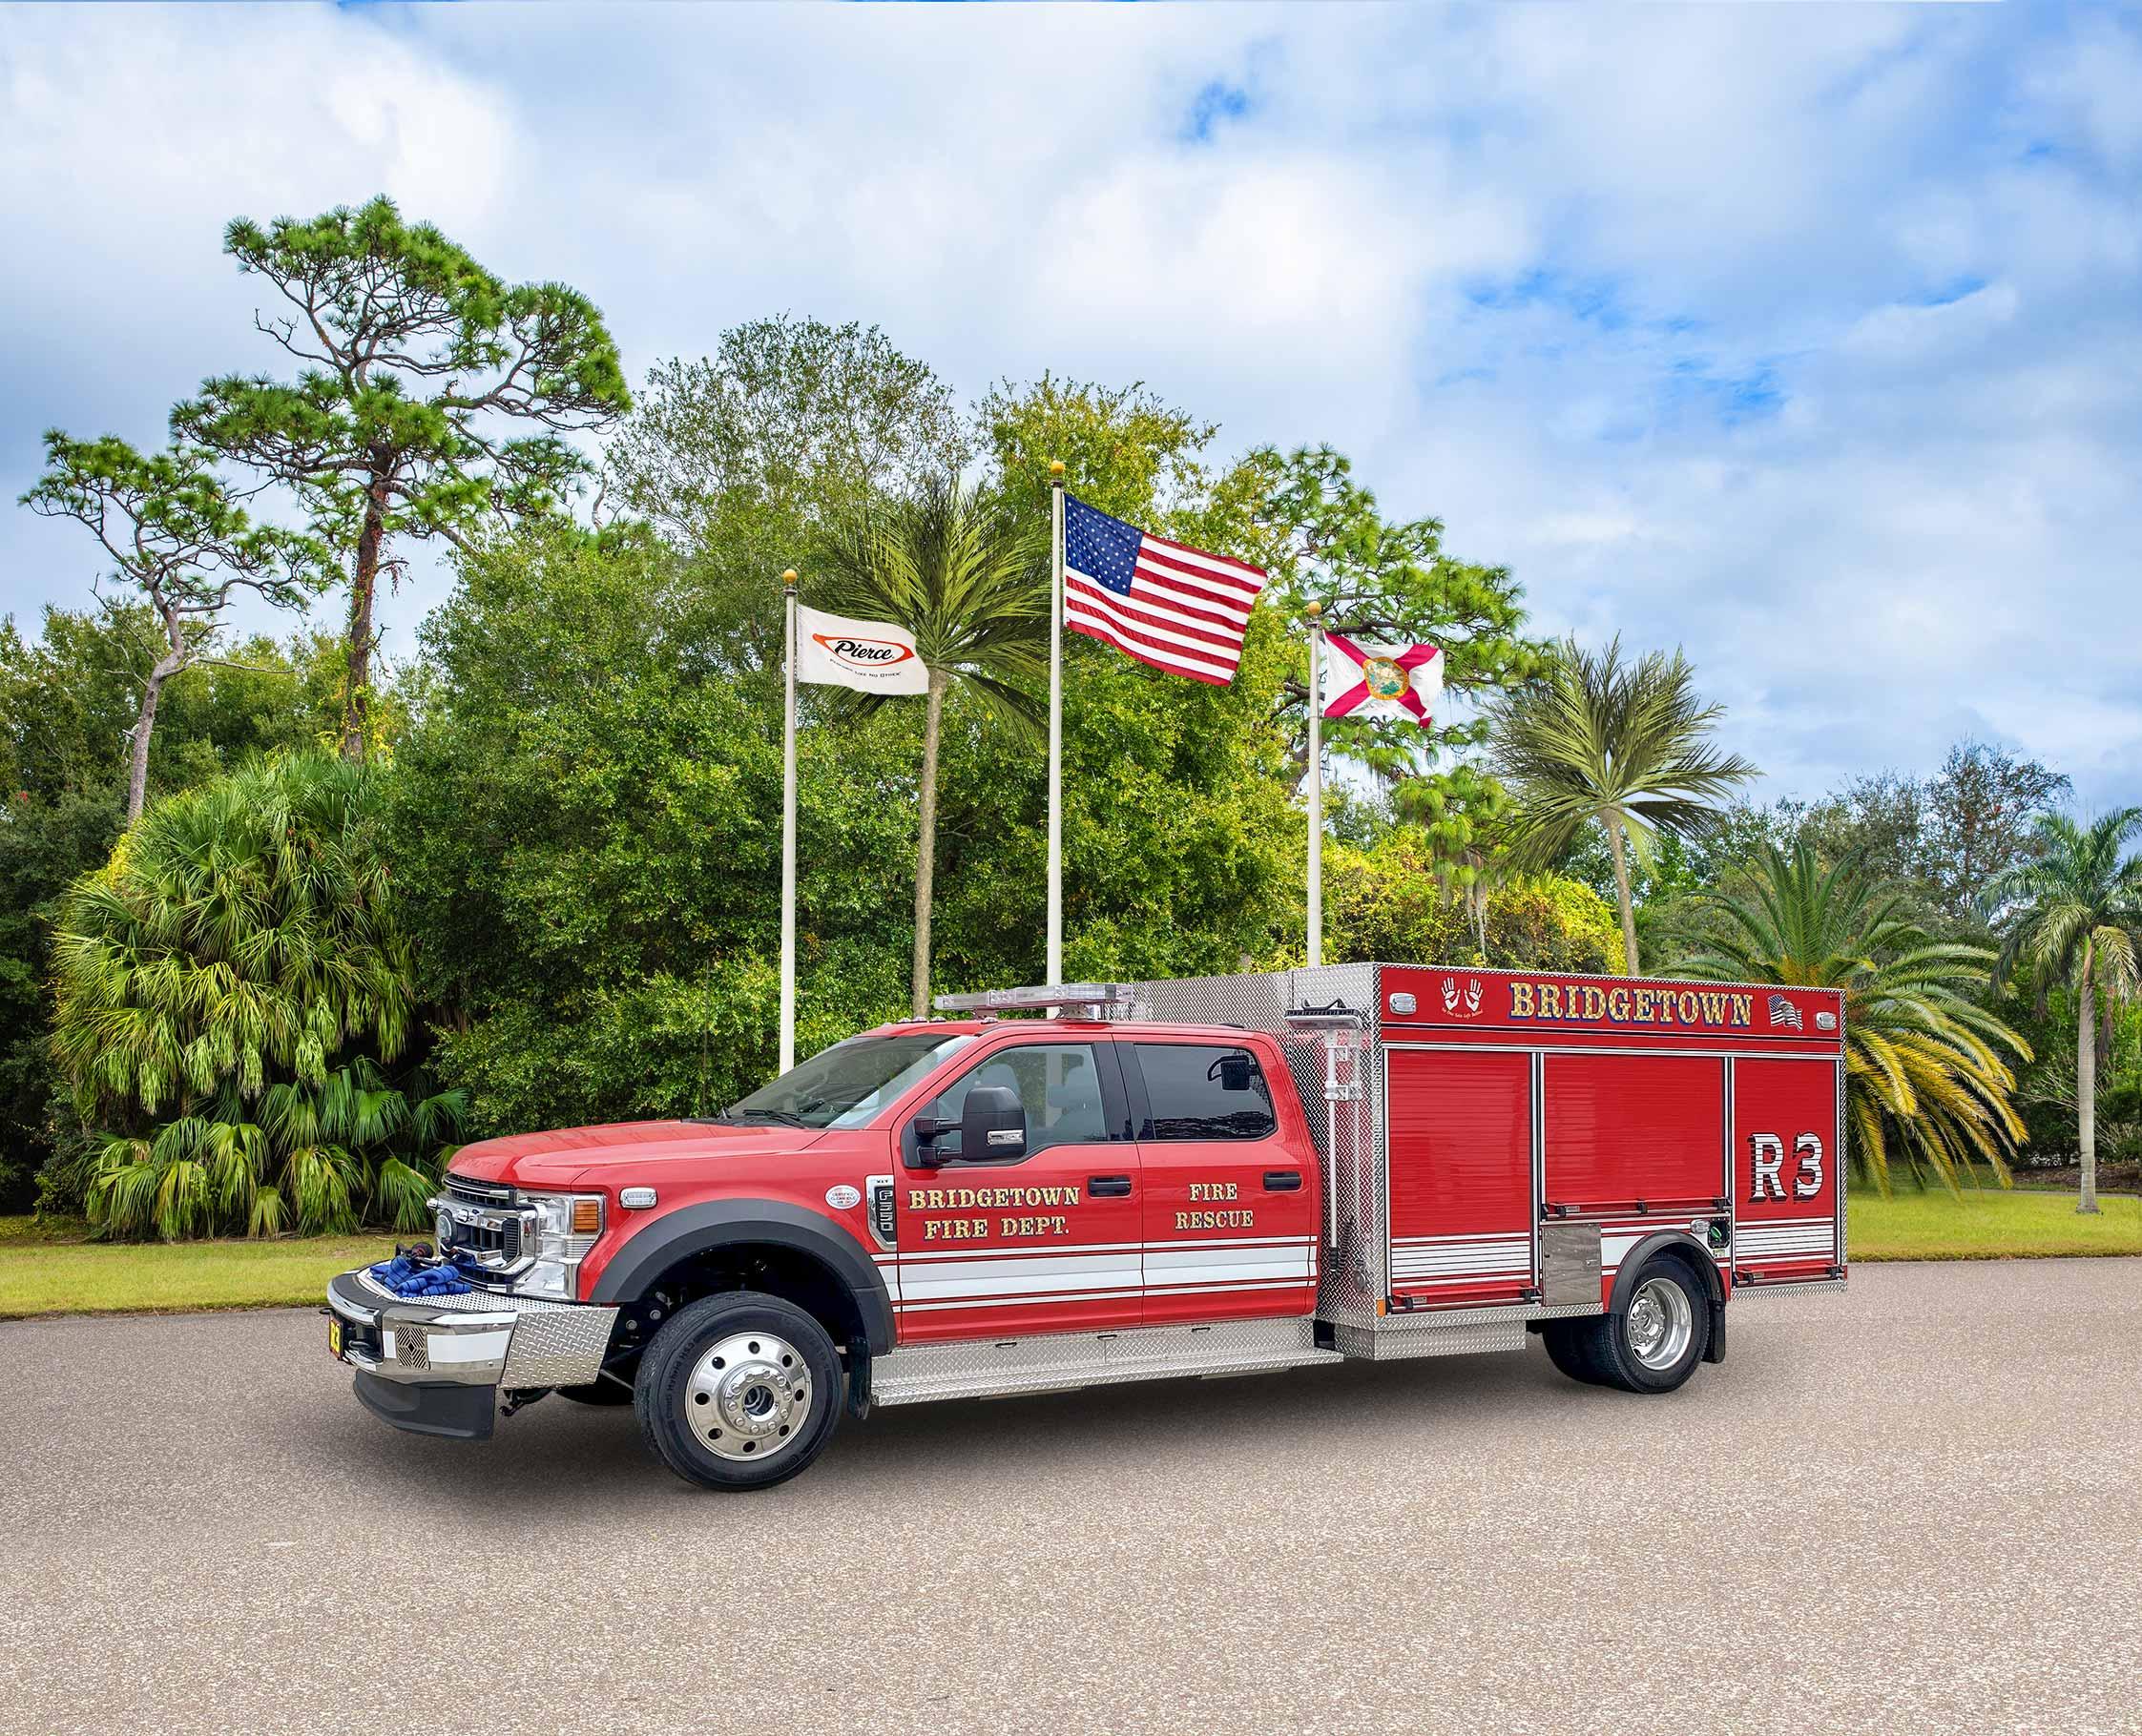 Bridgetown Fire Department - Pumper